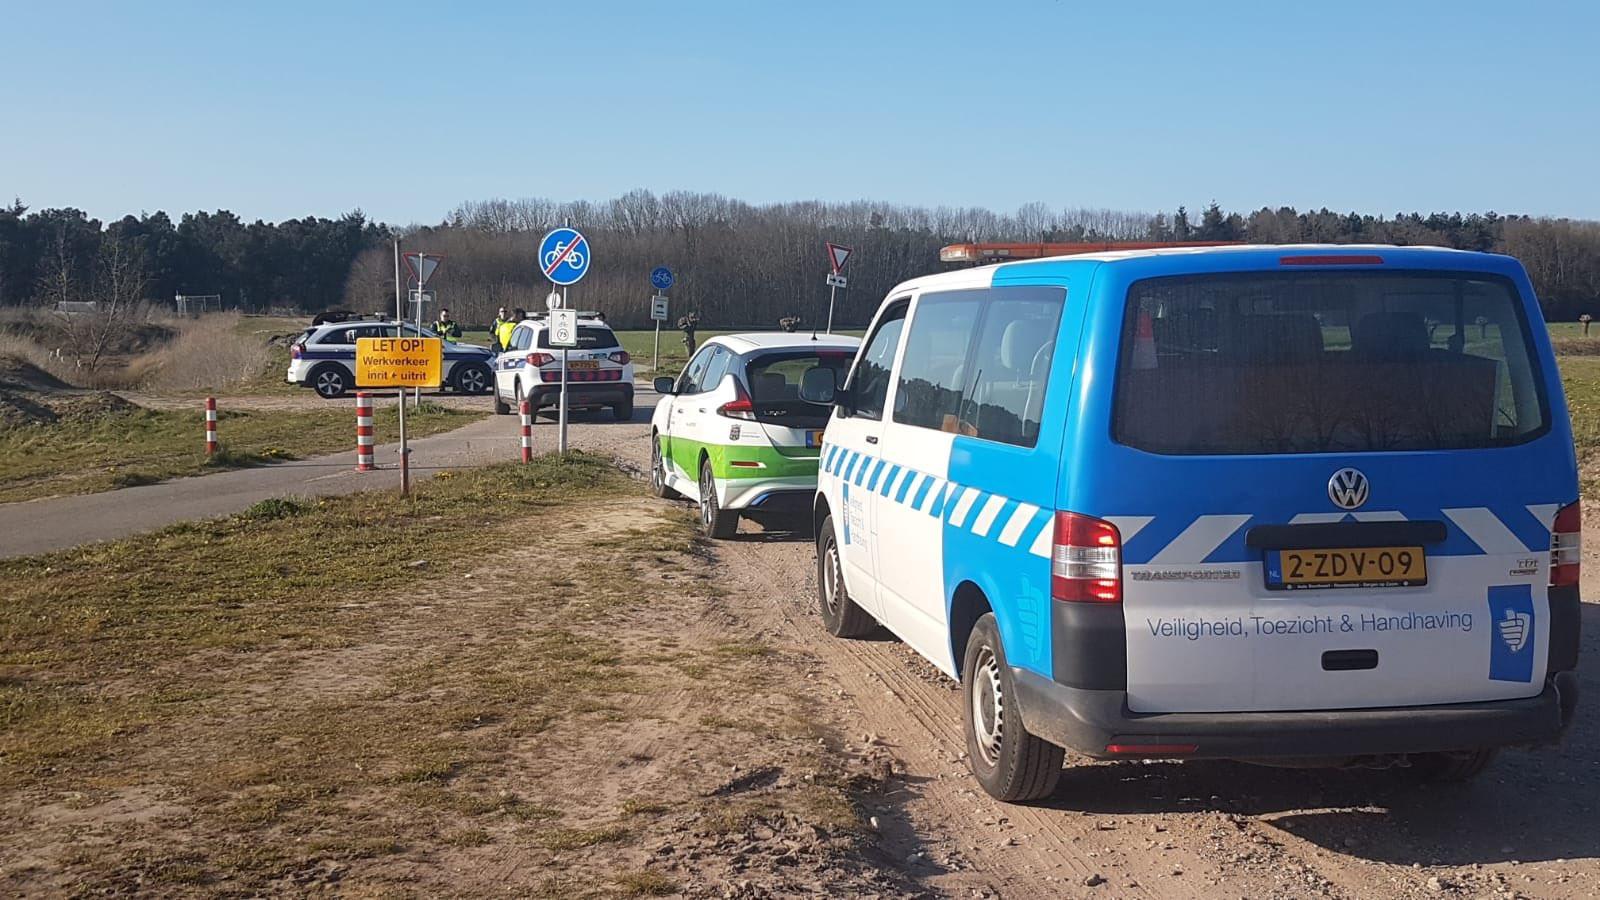 Bij Breda International Airport, het voormalige Seppe, moest afgelopen weekend aan een samenscholing van 75 mensen een einde worden gemaakt. Toch denkt de Veiligheidsregio Midden- en West-Brabant vooralsnog niet aan het preventief afsluiten van gebieden in de regio met Pasen.